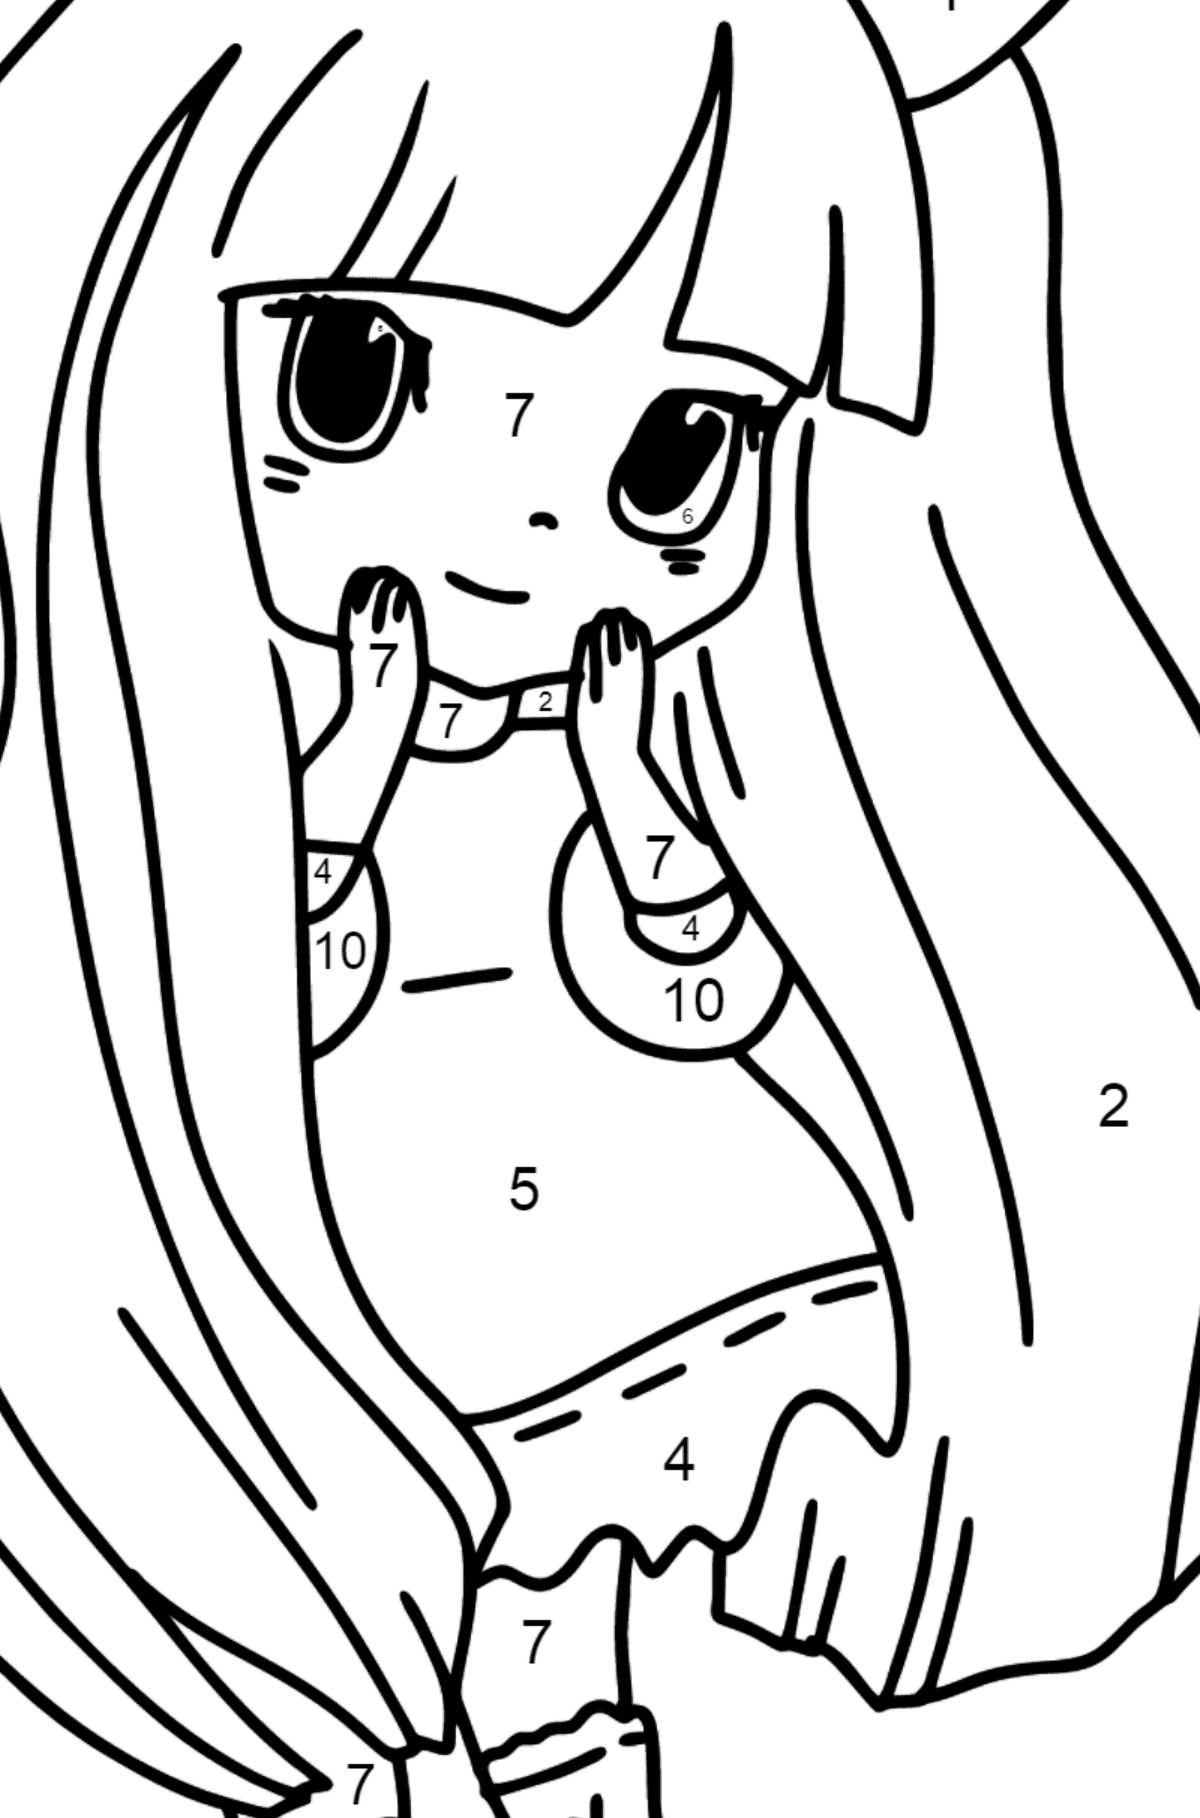 Coloriage Anime - Fille Lapin - Coloriage par Chiffres pour les Enfants